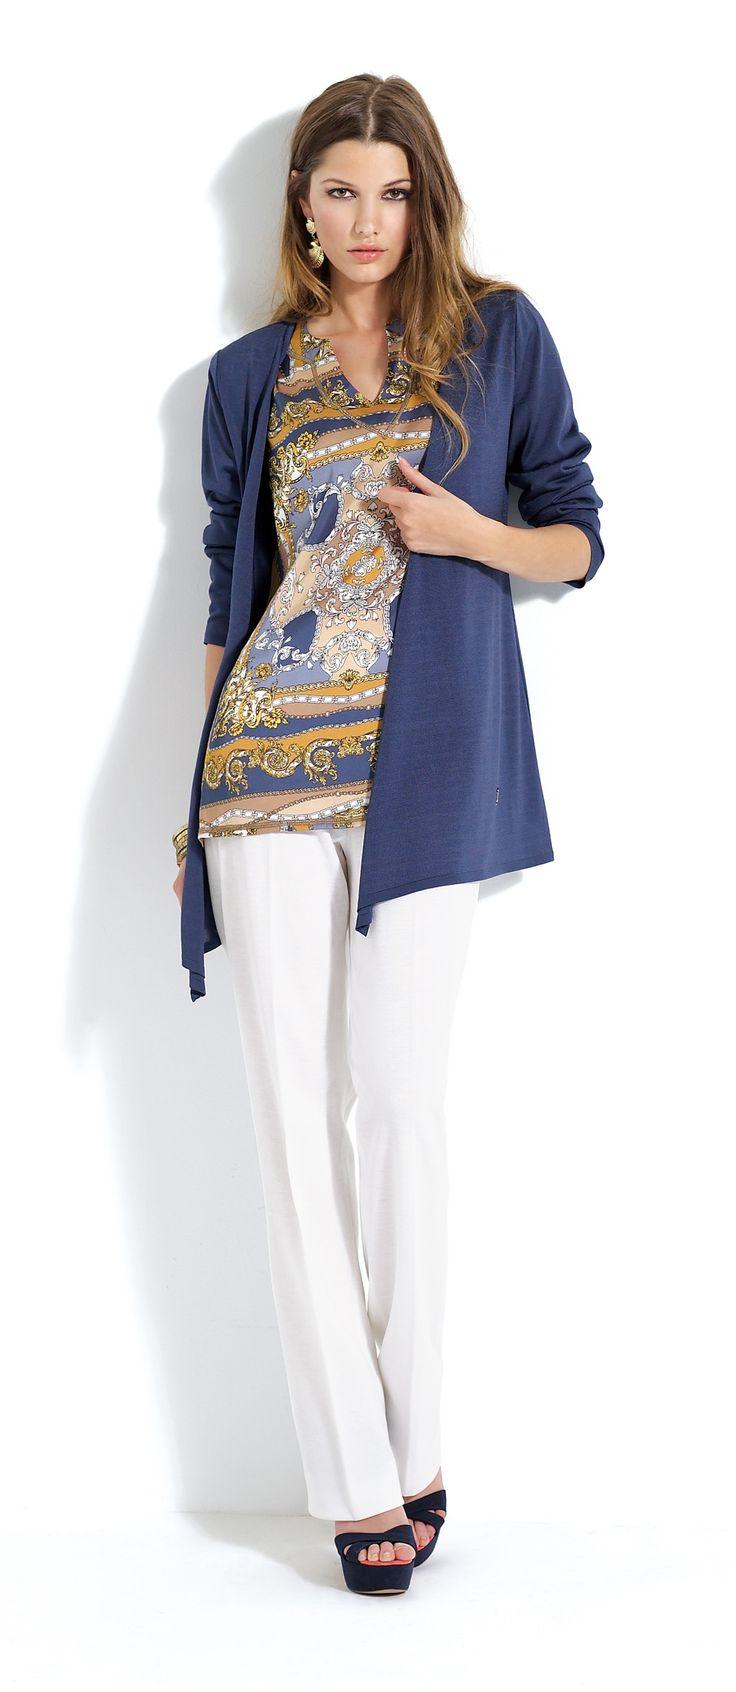 Pantalón blanco con blusa de estampado étnico y rebeca azul marino.  #trousers #white #cardigan #blue